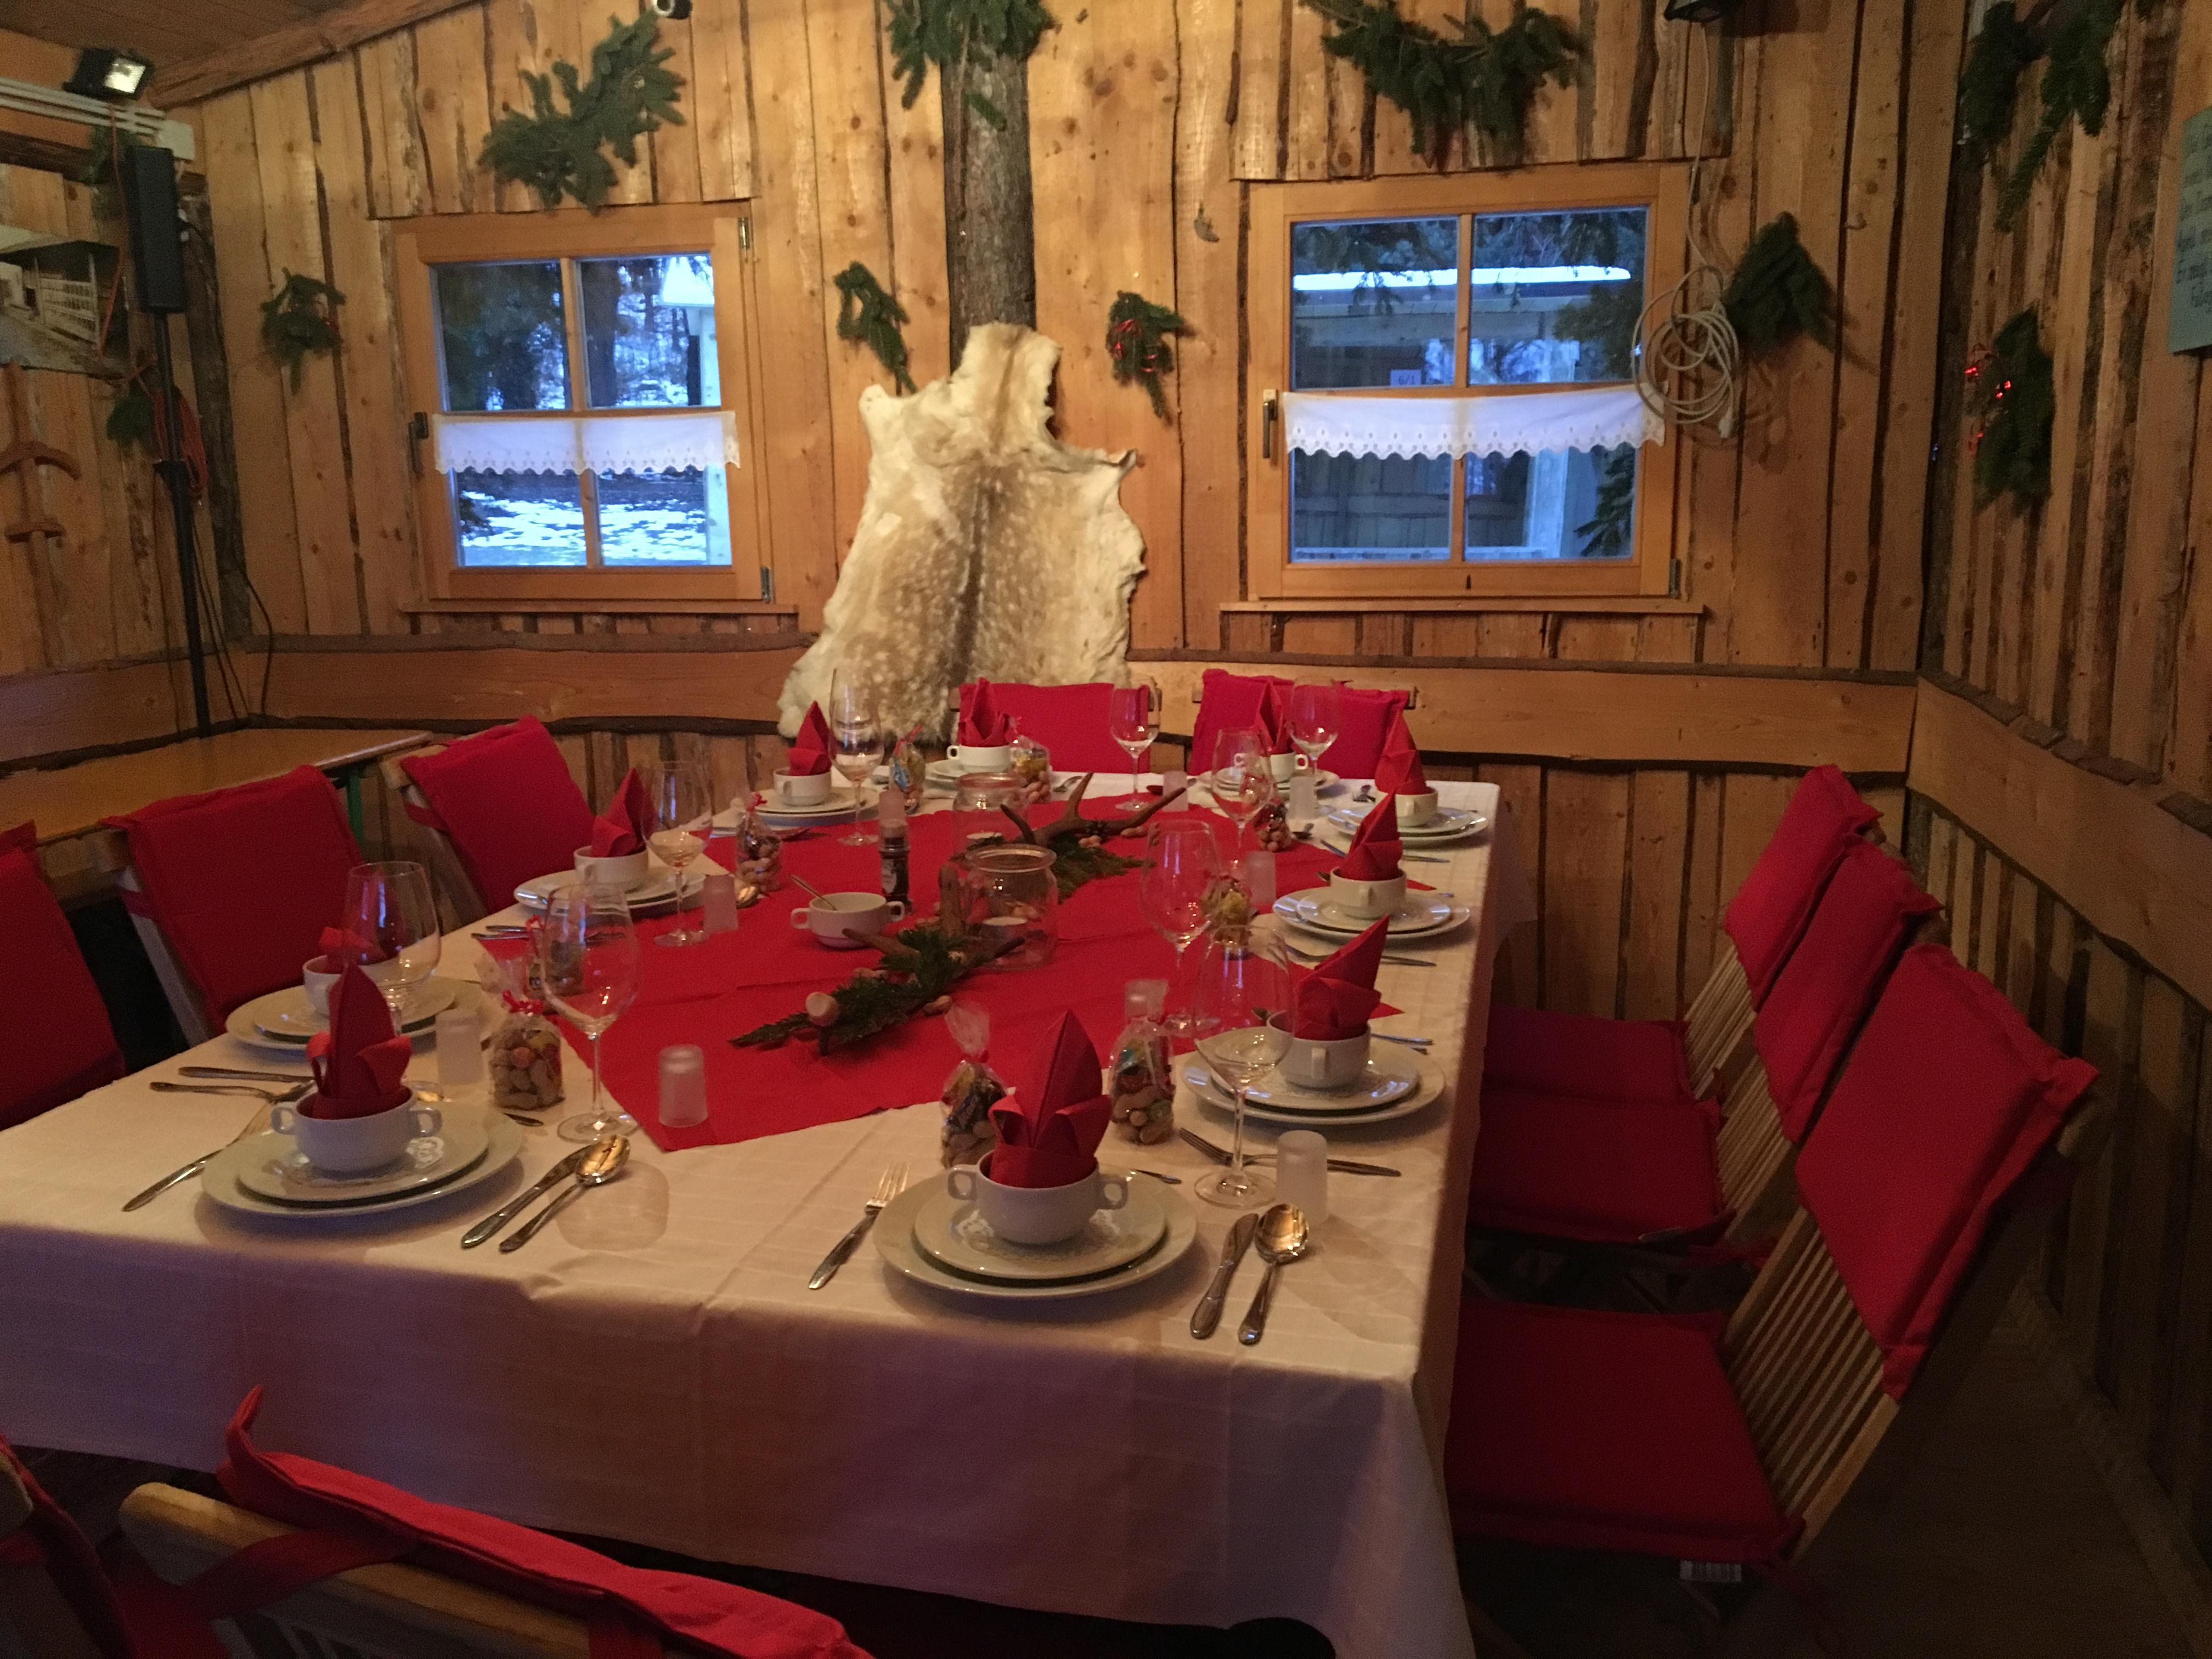 Die Perfekte Weihnachtsfeier.Türkenfelder Bergweihnacht Ihre Weihnachtsfeier Etwas Ganz